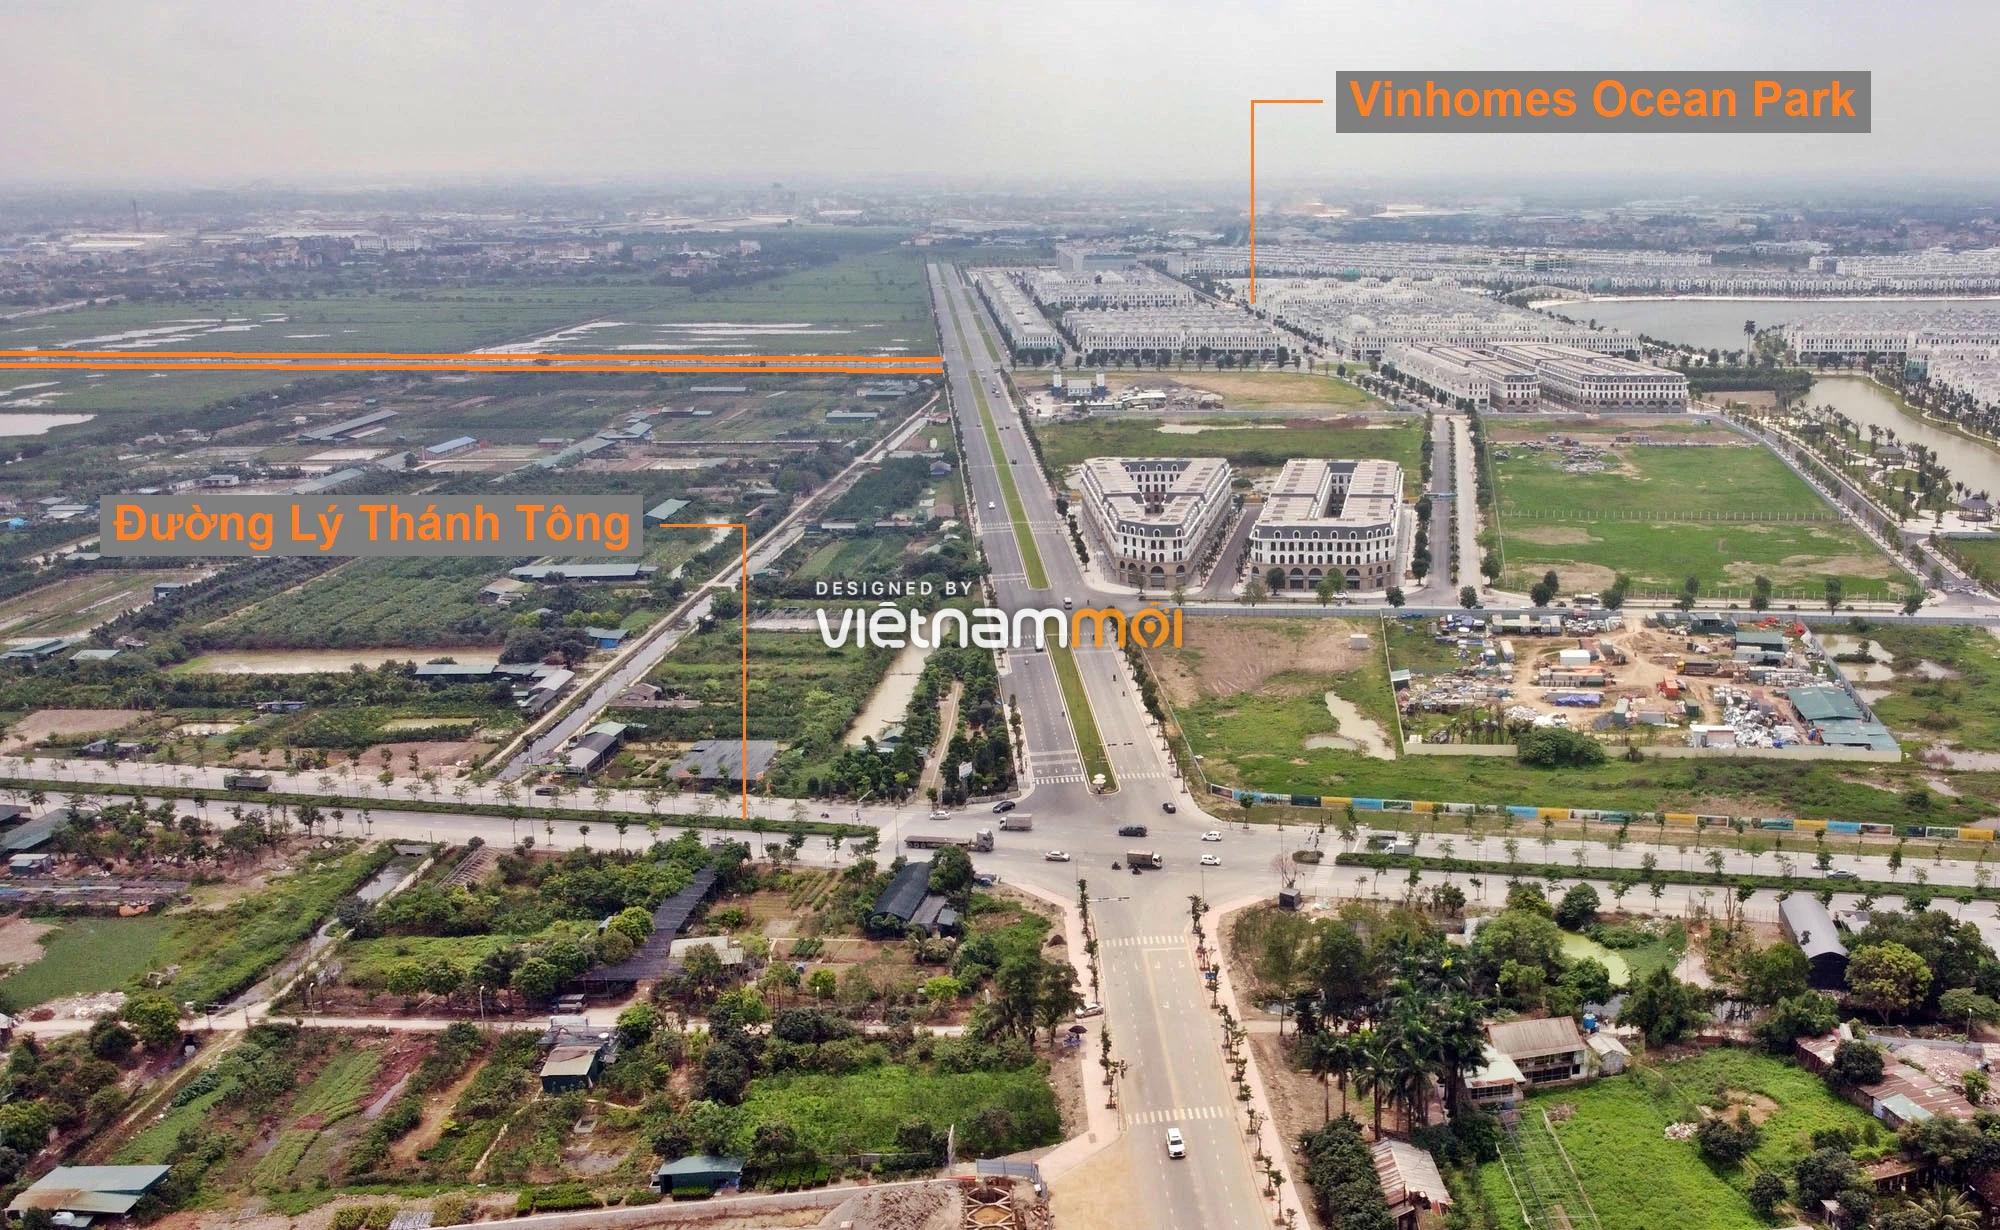 Toàn cảnh đường nối Vinhomes Ocean Park với ga Phú Thụy đang mở theo quy hoạch ở Hà Nội - Ảnh 1.